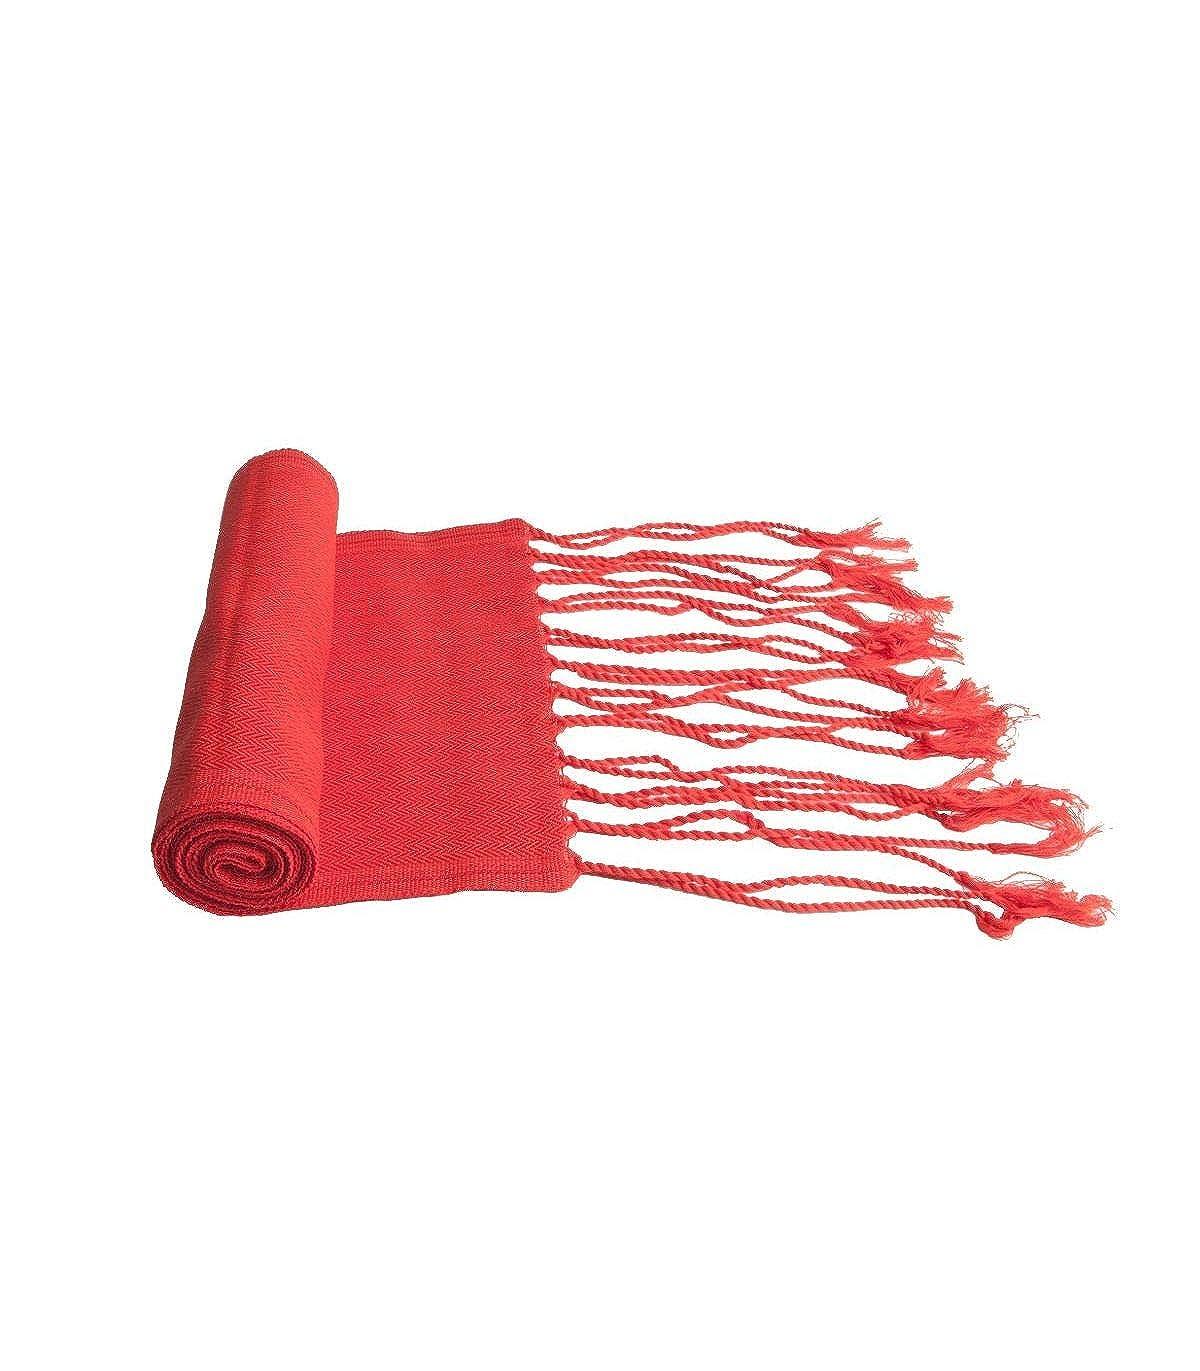 Faja Lisa Seda Rojo: Amazon.es: Ropa y accesorios